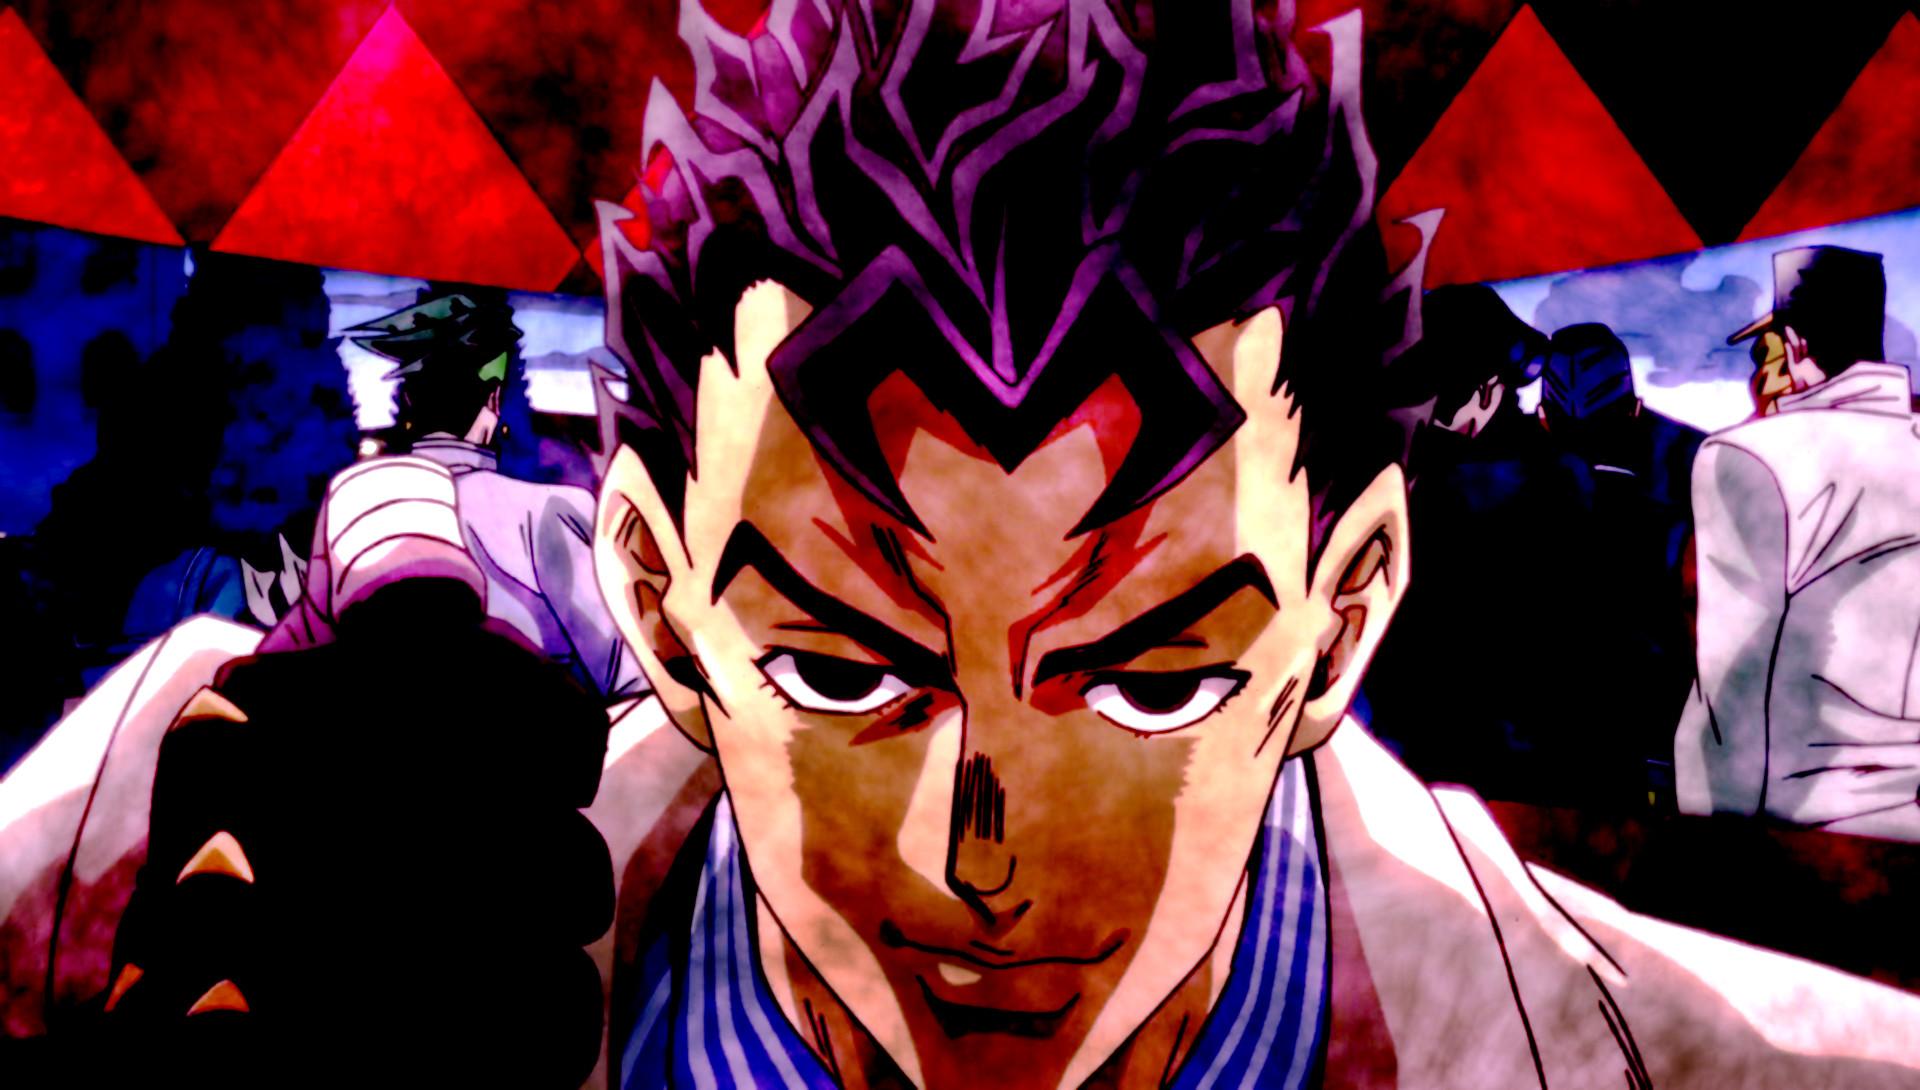 Anime – Jojo's Bizarre Adventure Josuke Higashikata Yukako Yamagishi  Yoshikage Kira Kosaku Kawajiri Jotaro Kujo Joseph